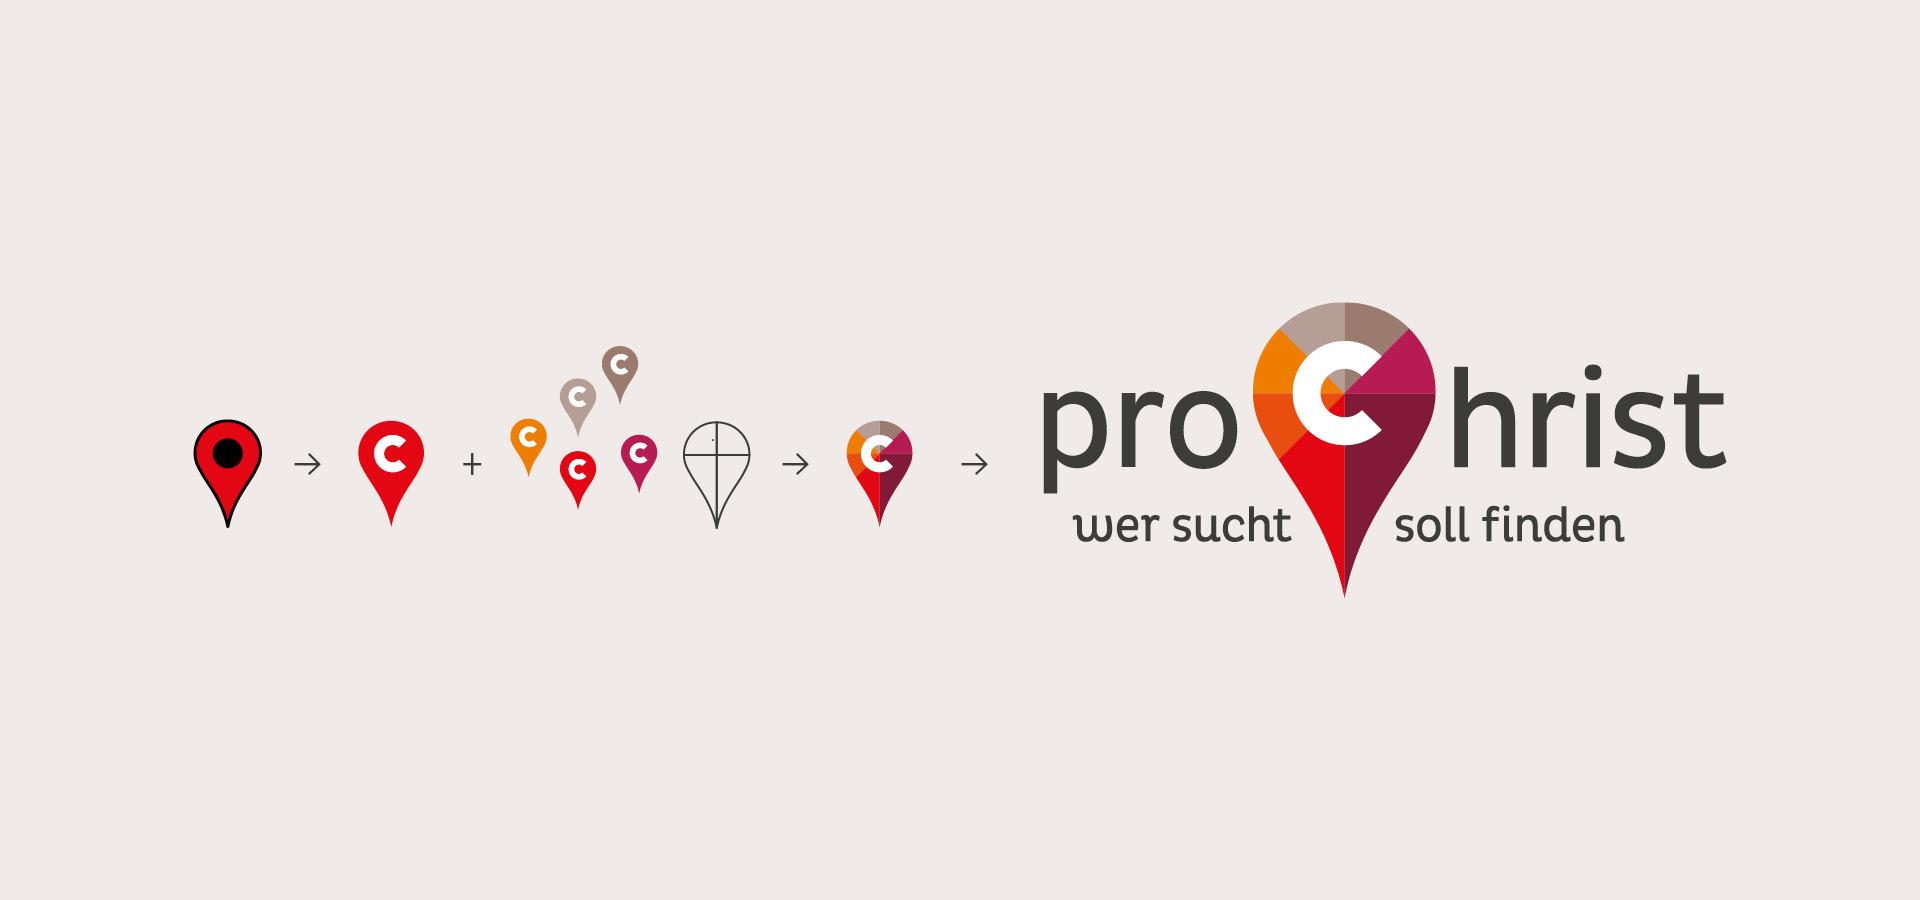 proChrist Logoentwicklung ©gobasil GmbH ~ Agentur für Kommunikation, Hamburg Hannover